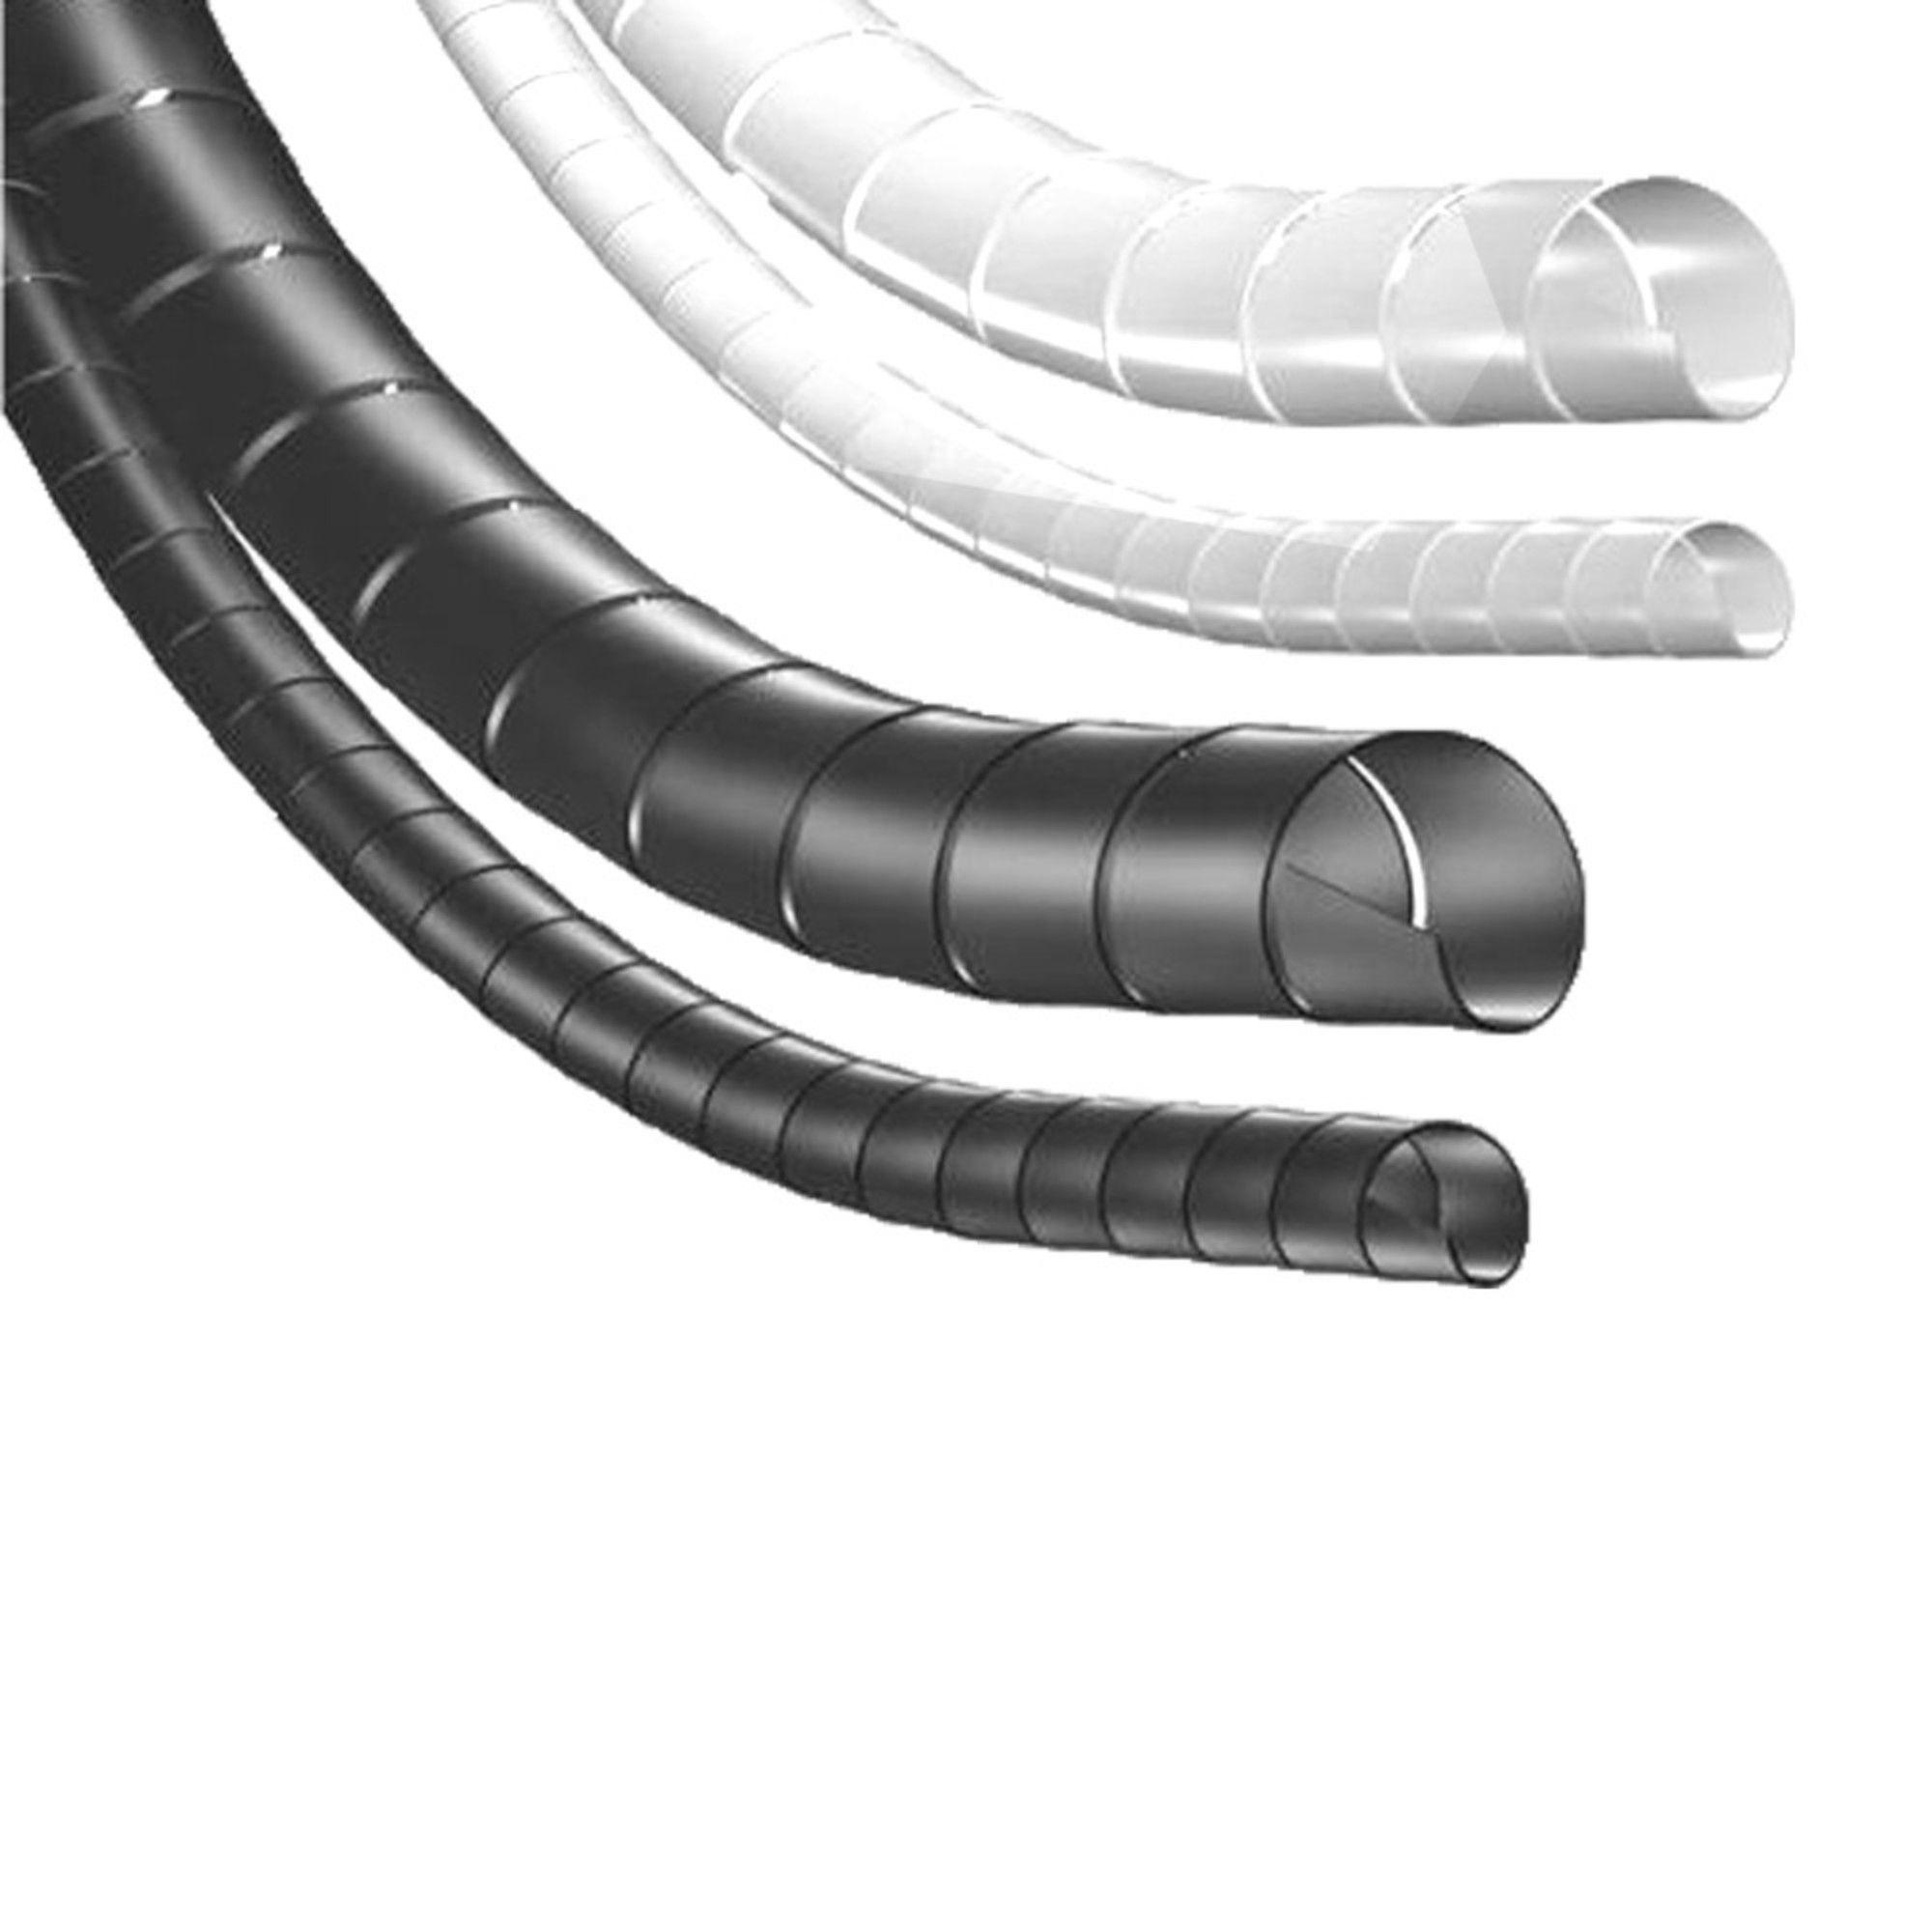 Organizador De Cabos Espiral Spiraduto 1/2 Branco Metro